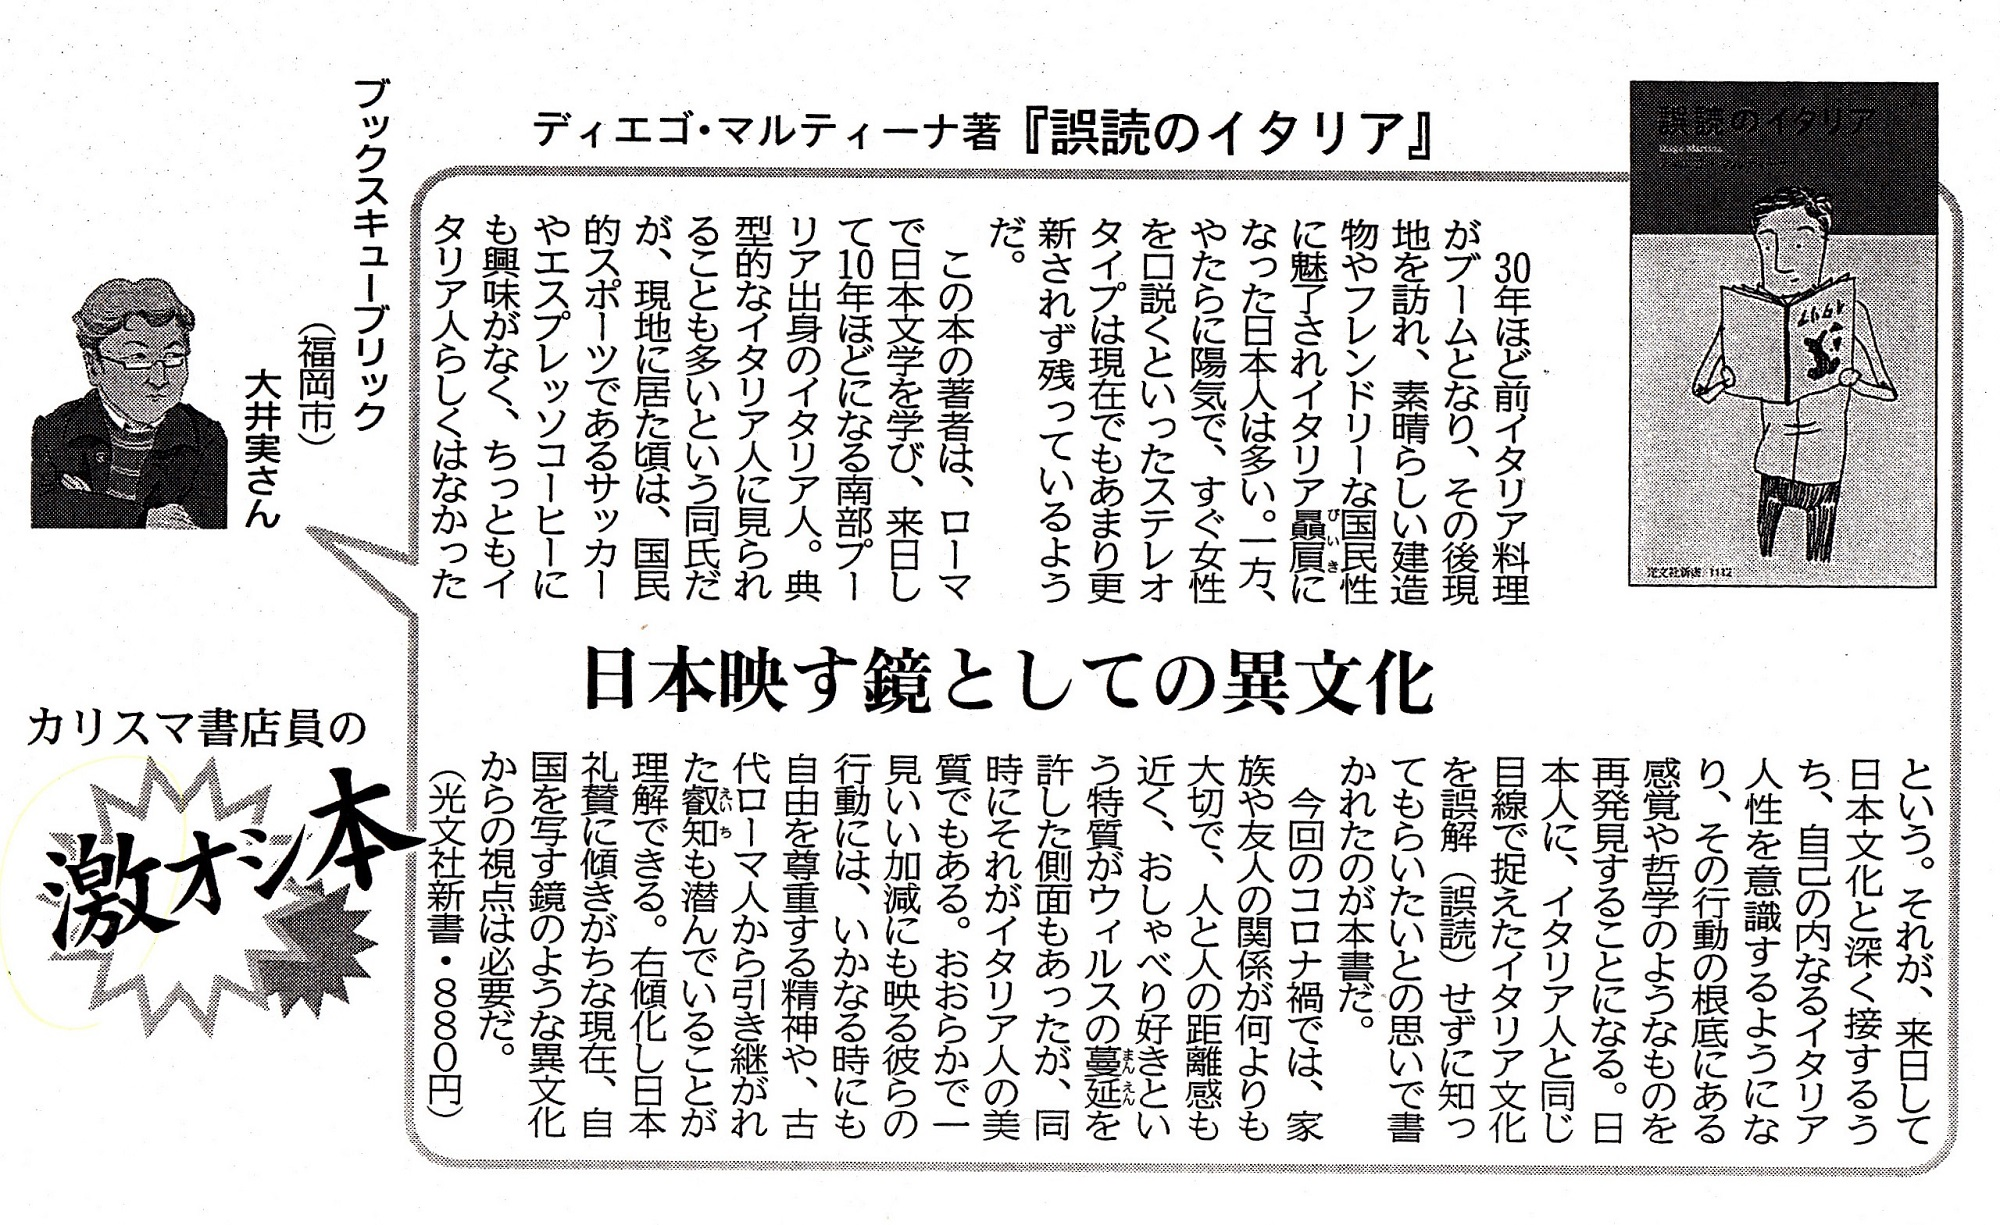 <第36回>西日本新聞「カリスマ書店員の激オシ本」に店主が寄稿しました。